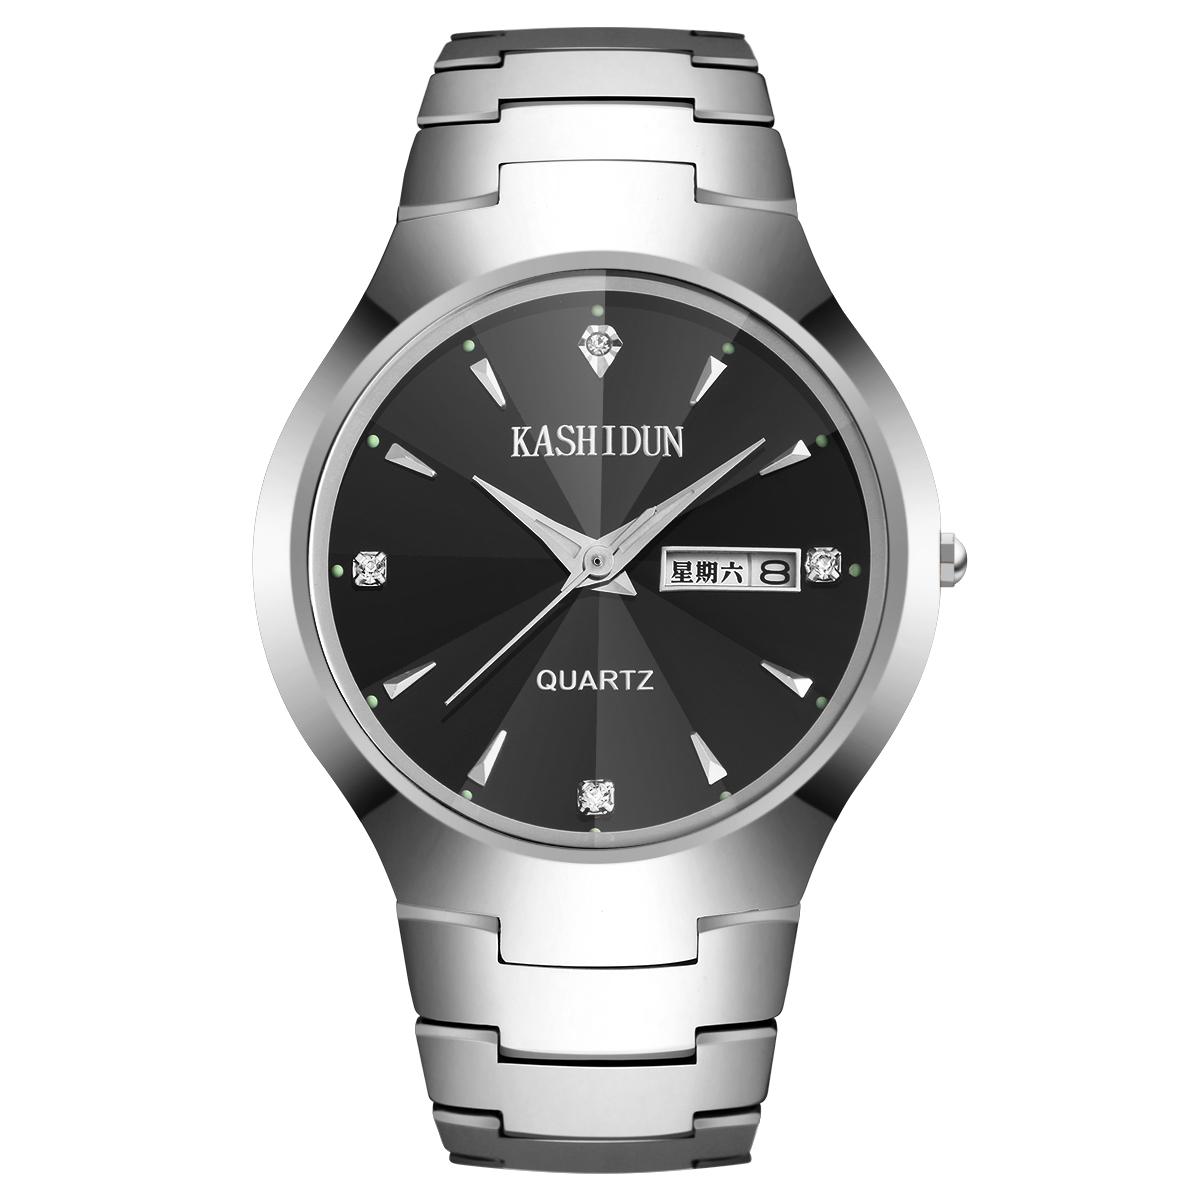 卡詩頓正品鎢鋼手表男士 商務腕表夜光石英表防水男表水鑽手表